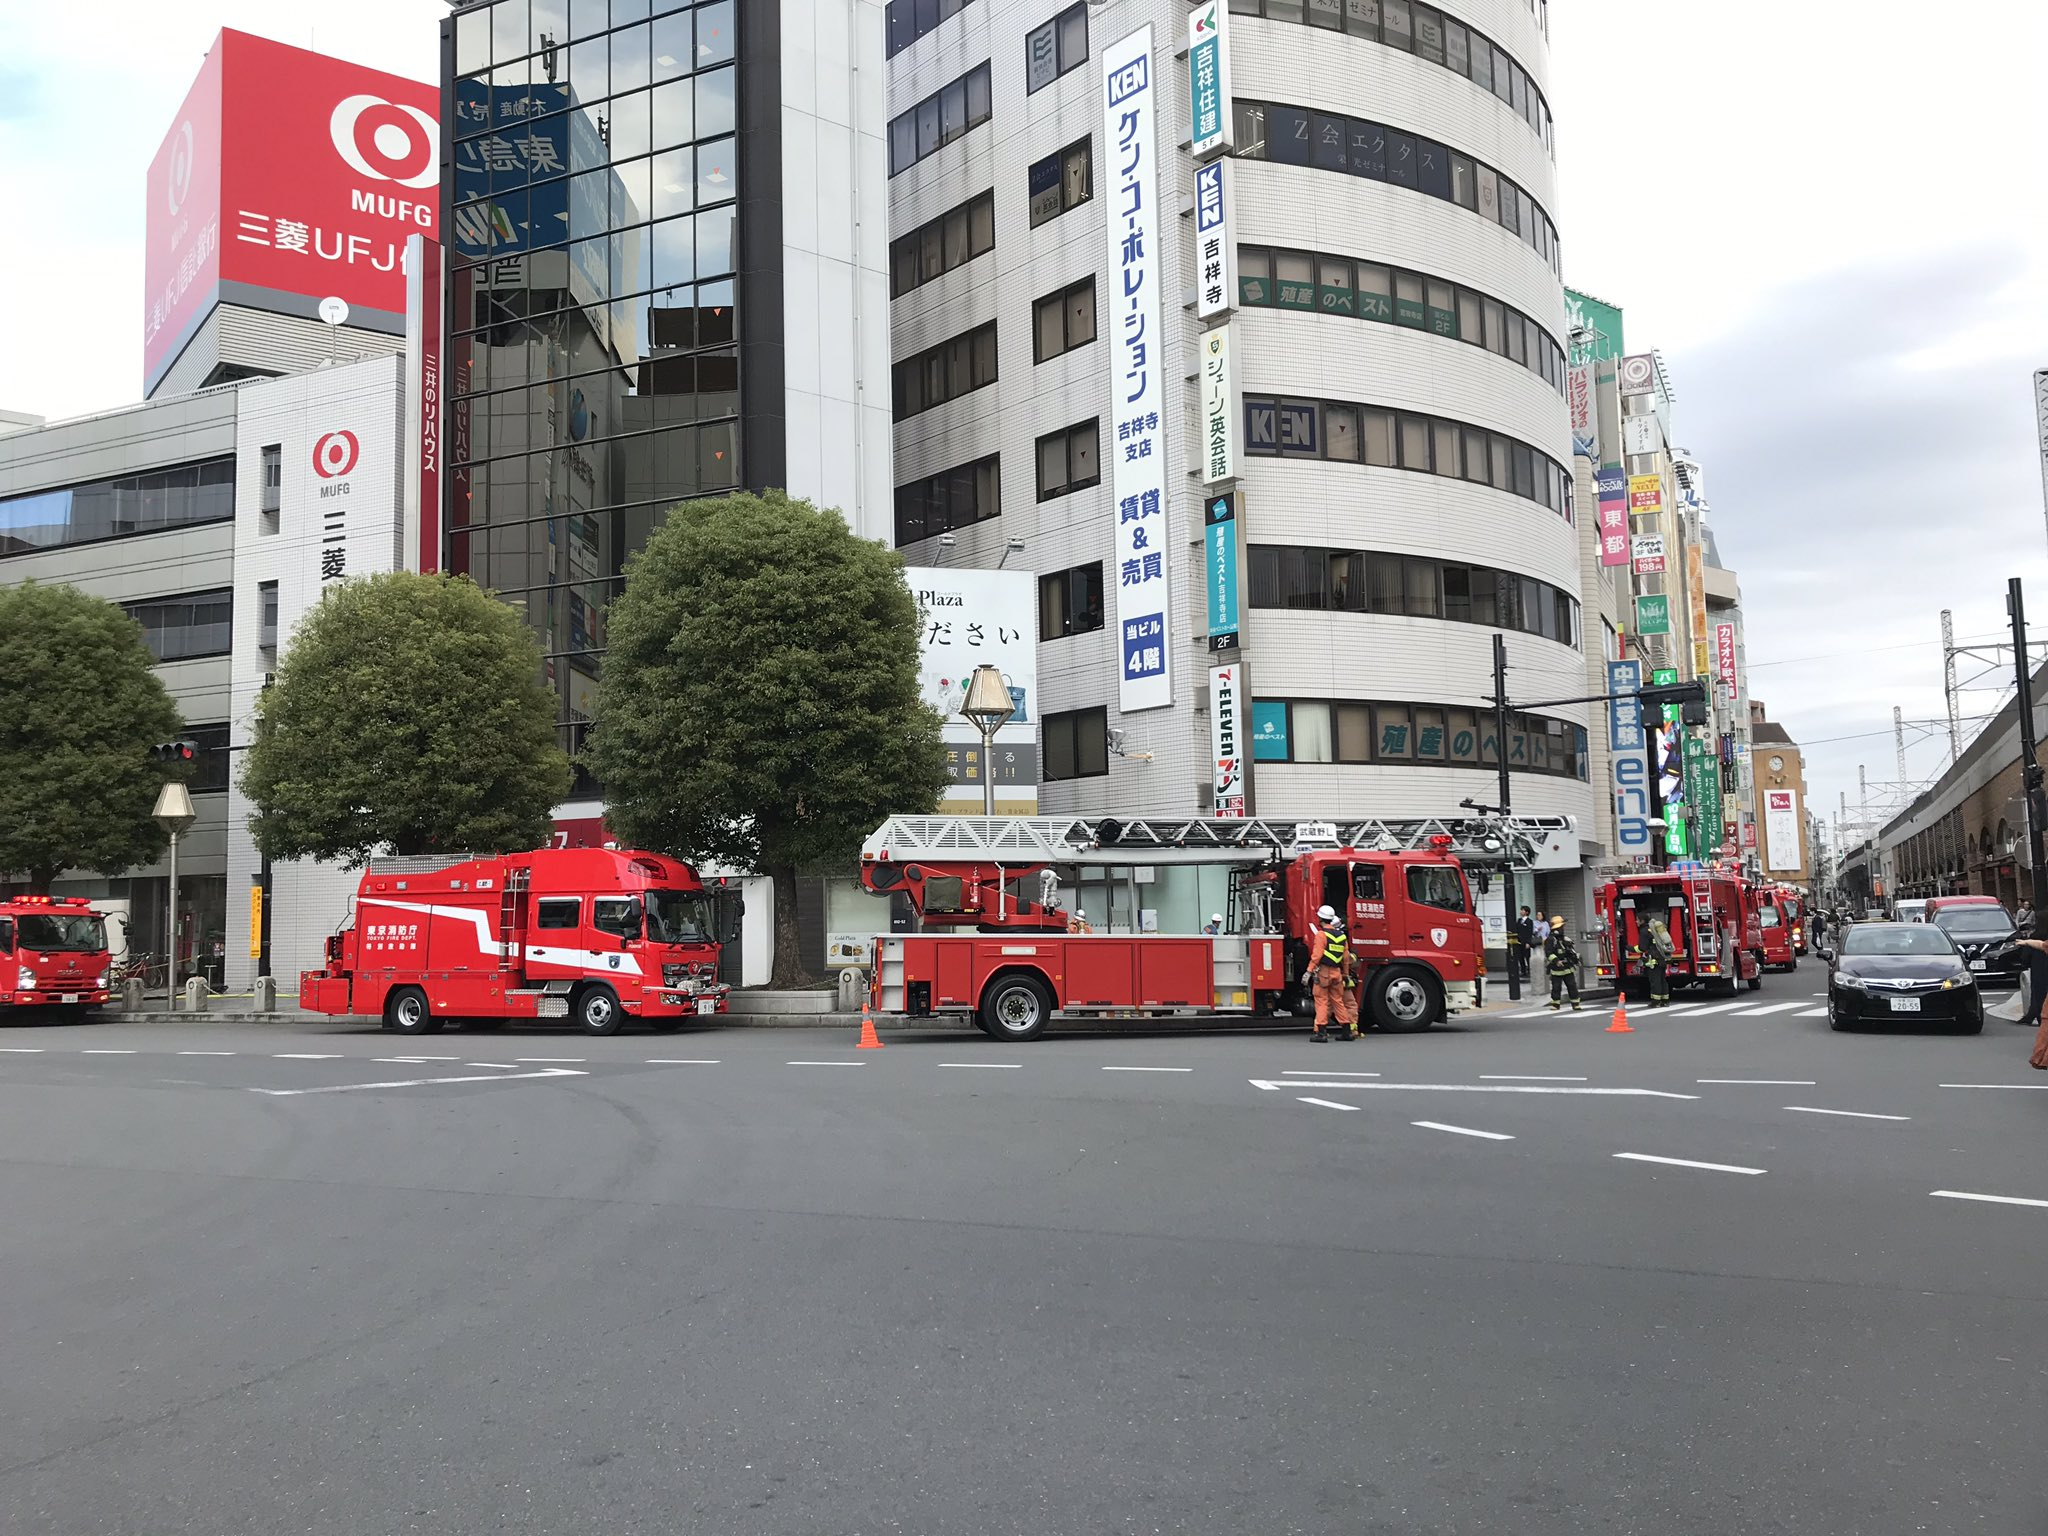 画像,彼女と何か臭くね?って話してたら消防車救急車パトカーが20台くらい来て吉祥寺がカオスやねんけど https://t.co/fG5DdfZR6J…